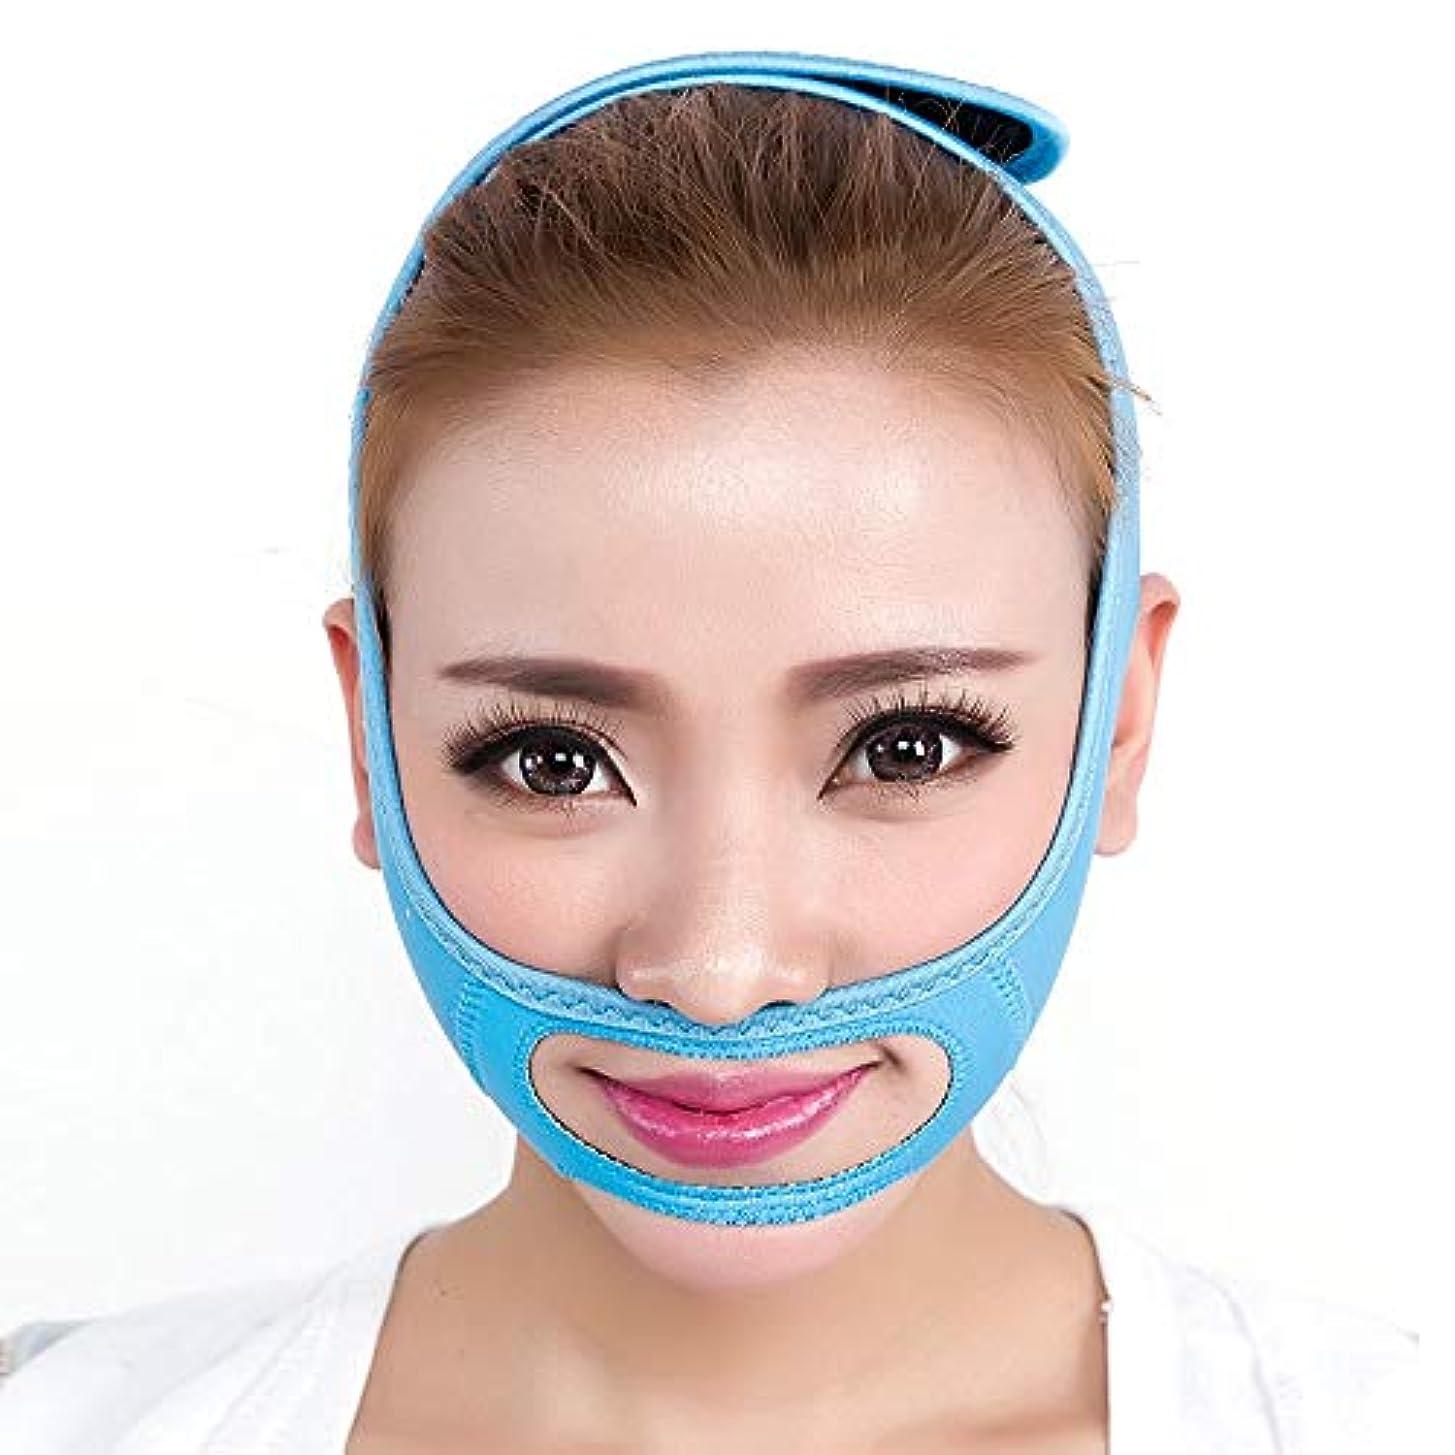 池遺伝的テクニカルJia Jia- シンフェイスマスクシンフェイス包帯シンフェイスアーティファクトシンフェイスフェイシャルリフティングシンフェイススモールVフェイススリープシンフェイスベルト 顔面包帯 (色 : B)